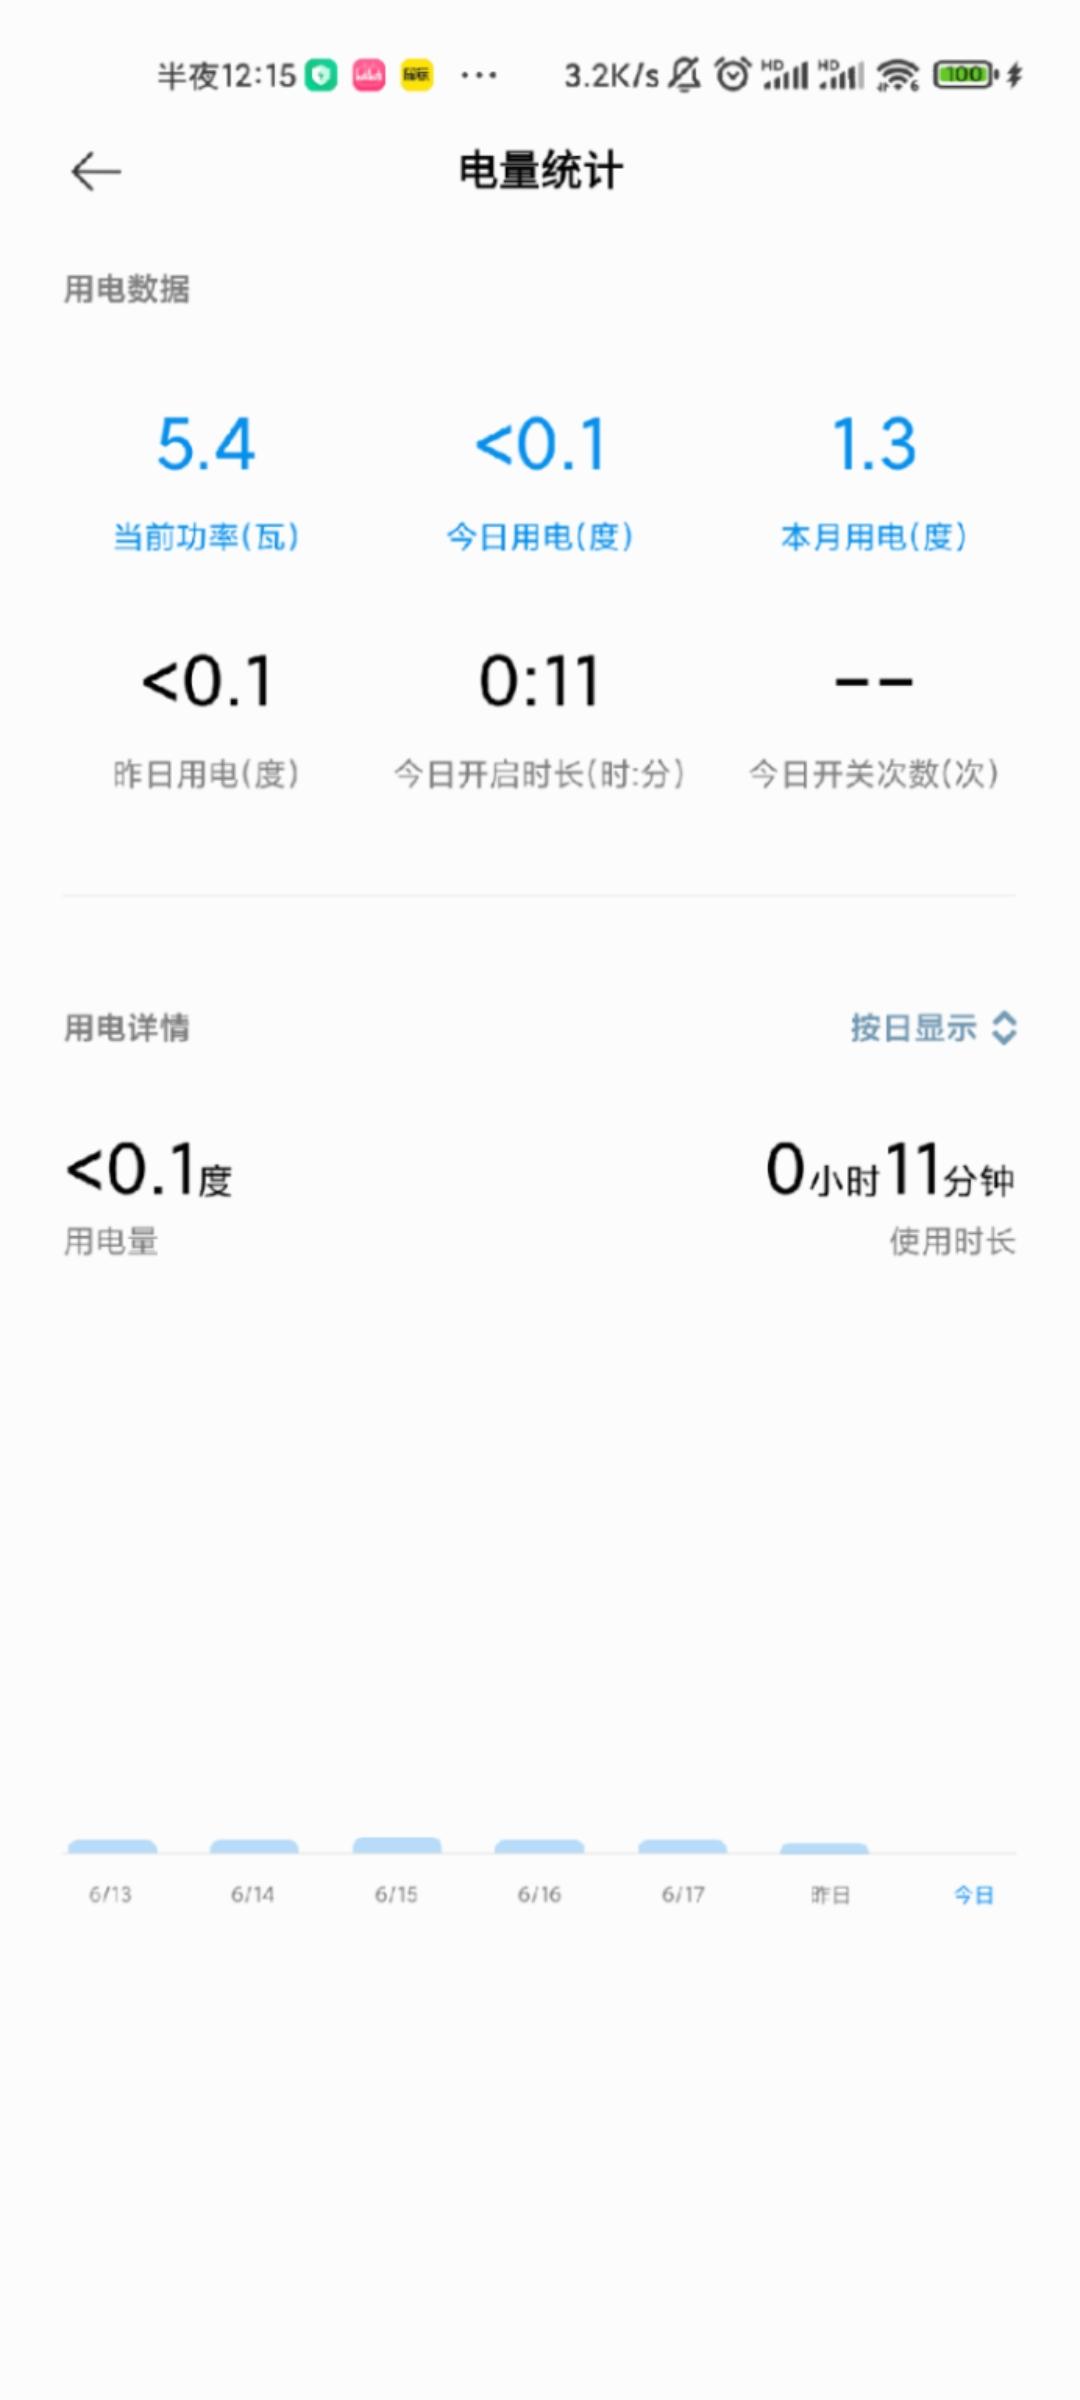 Screenshot_2021-06-19-00-15-37-676_com.xiaomi.smarthome.jpg